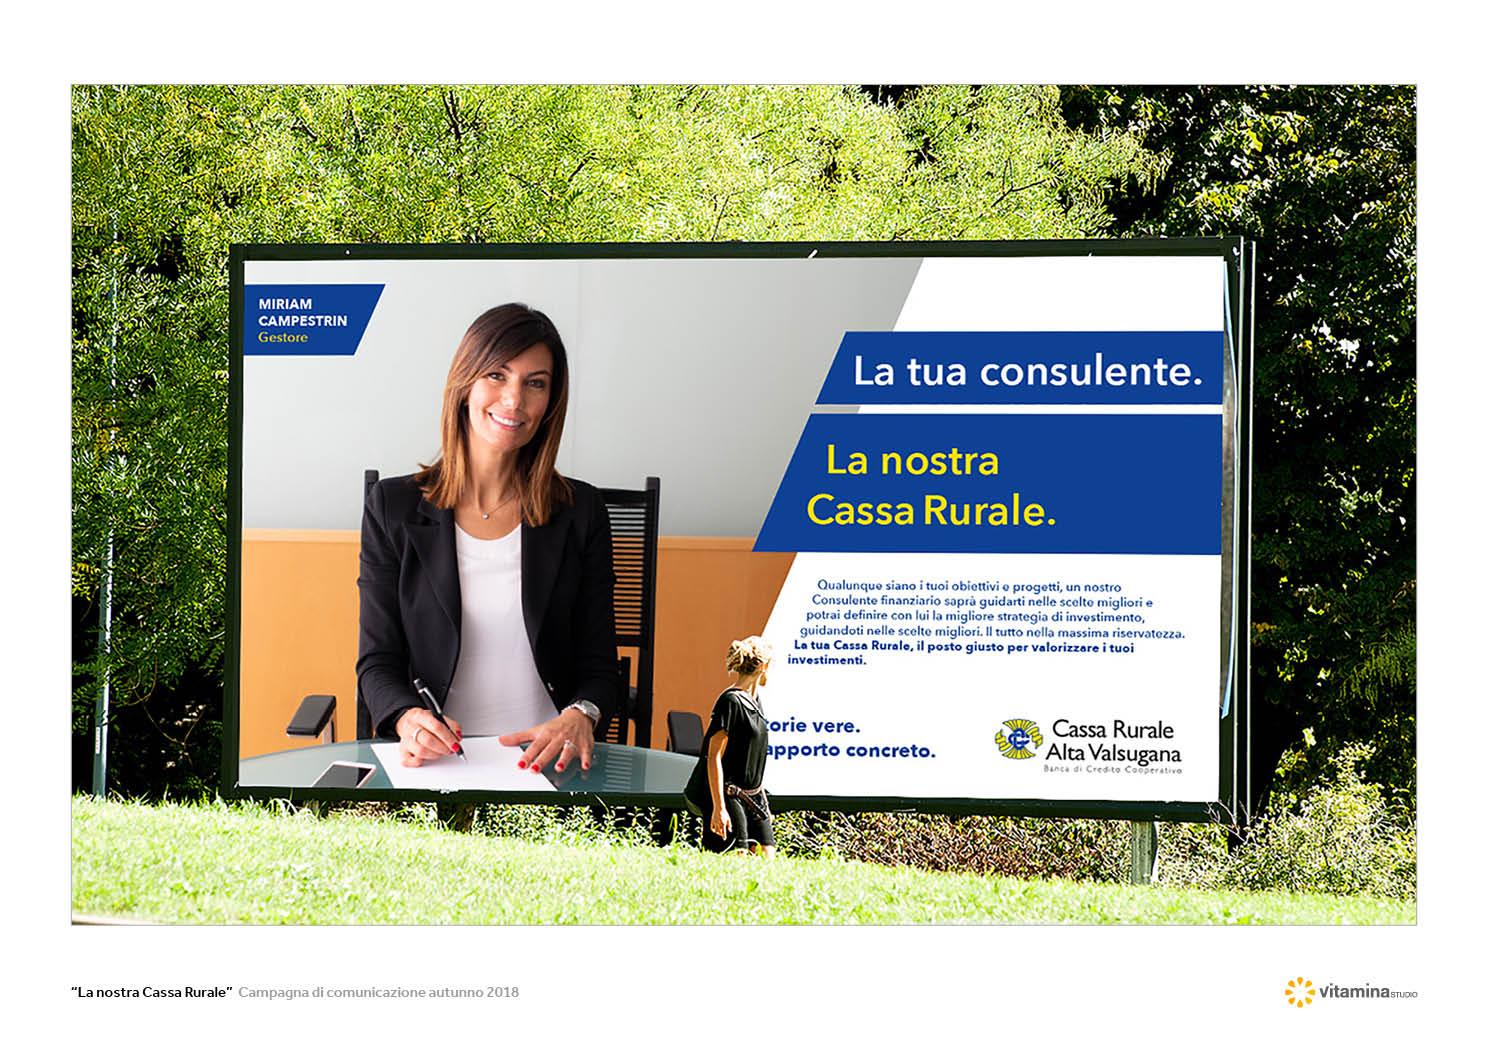 La nostra Cassa Rurale Campagna_7